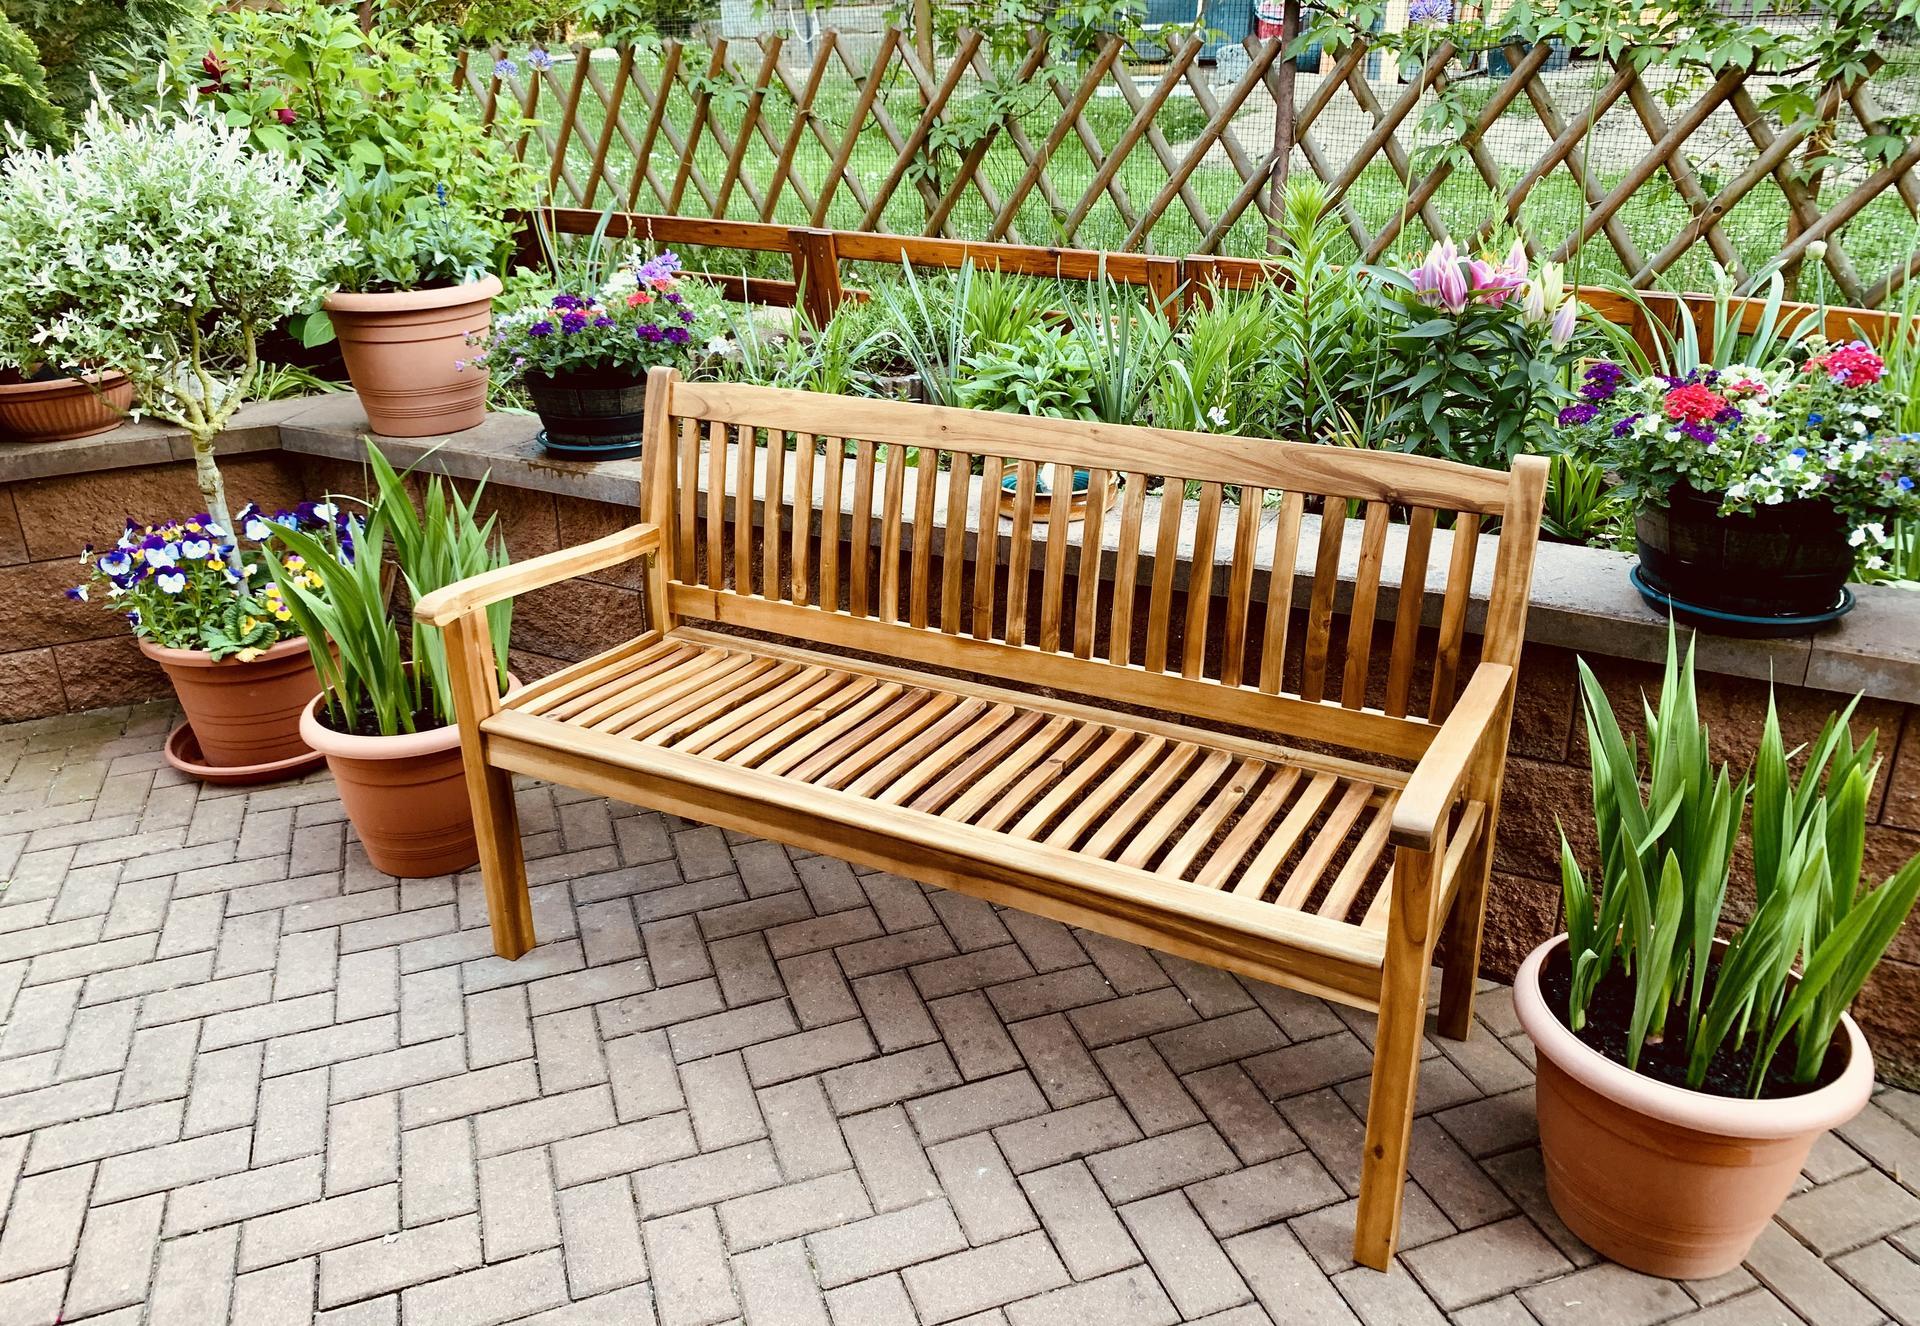 Pěkné ráno,pořídila jsem si novou lavičku z akácie,máte někdo nábytek z tohoto druhu dřeva,čím ho udržujete??Děkuji a hezký víkend všem😊 - Obrázek č. 1